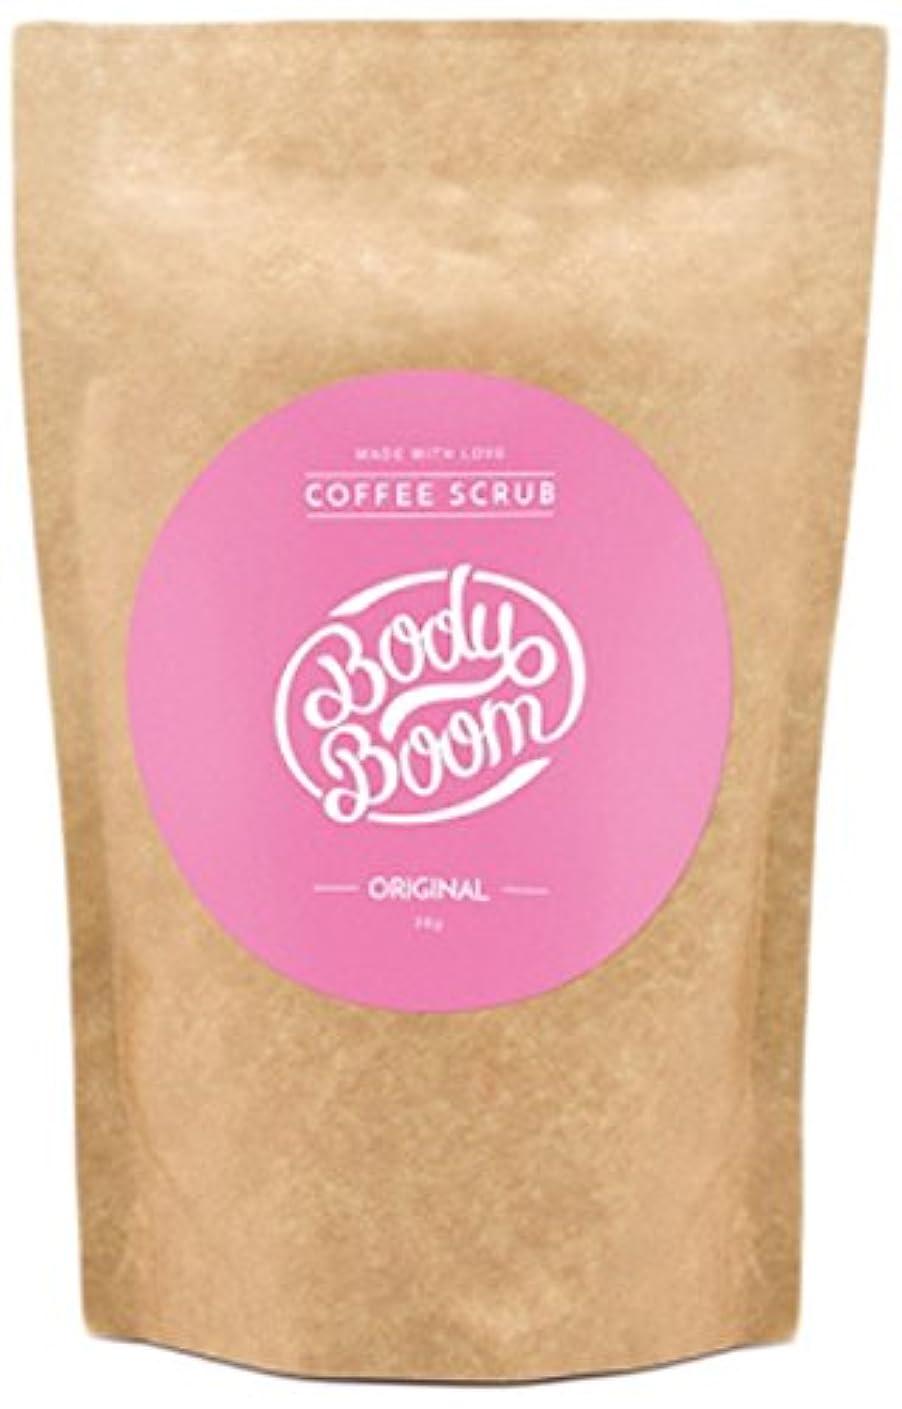 映画哀れな注入コーヒースクラブ Body Boom ボディブーム オリジナル 30g